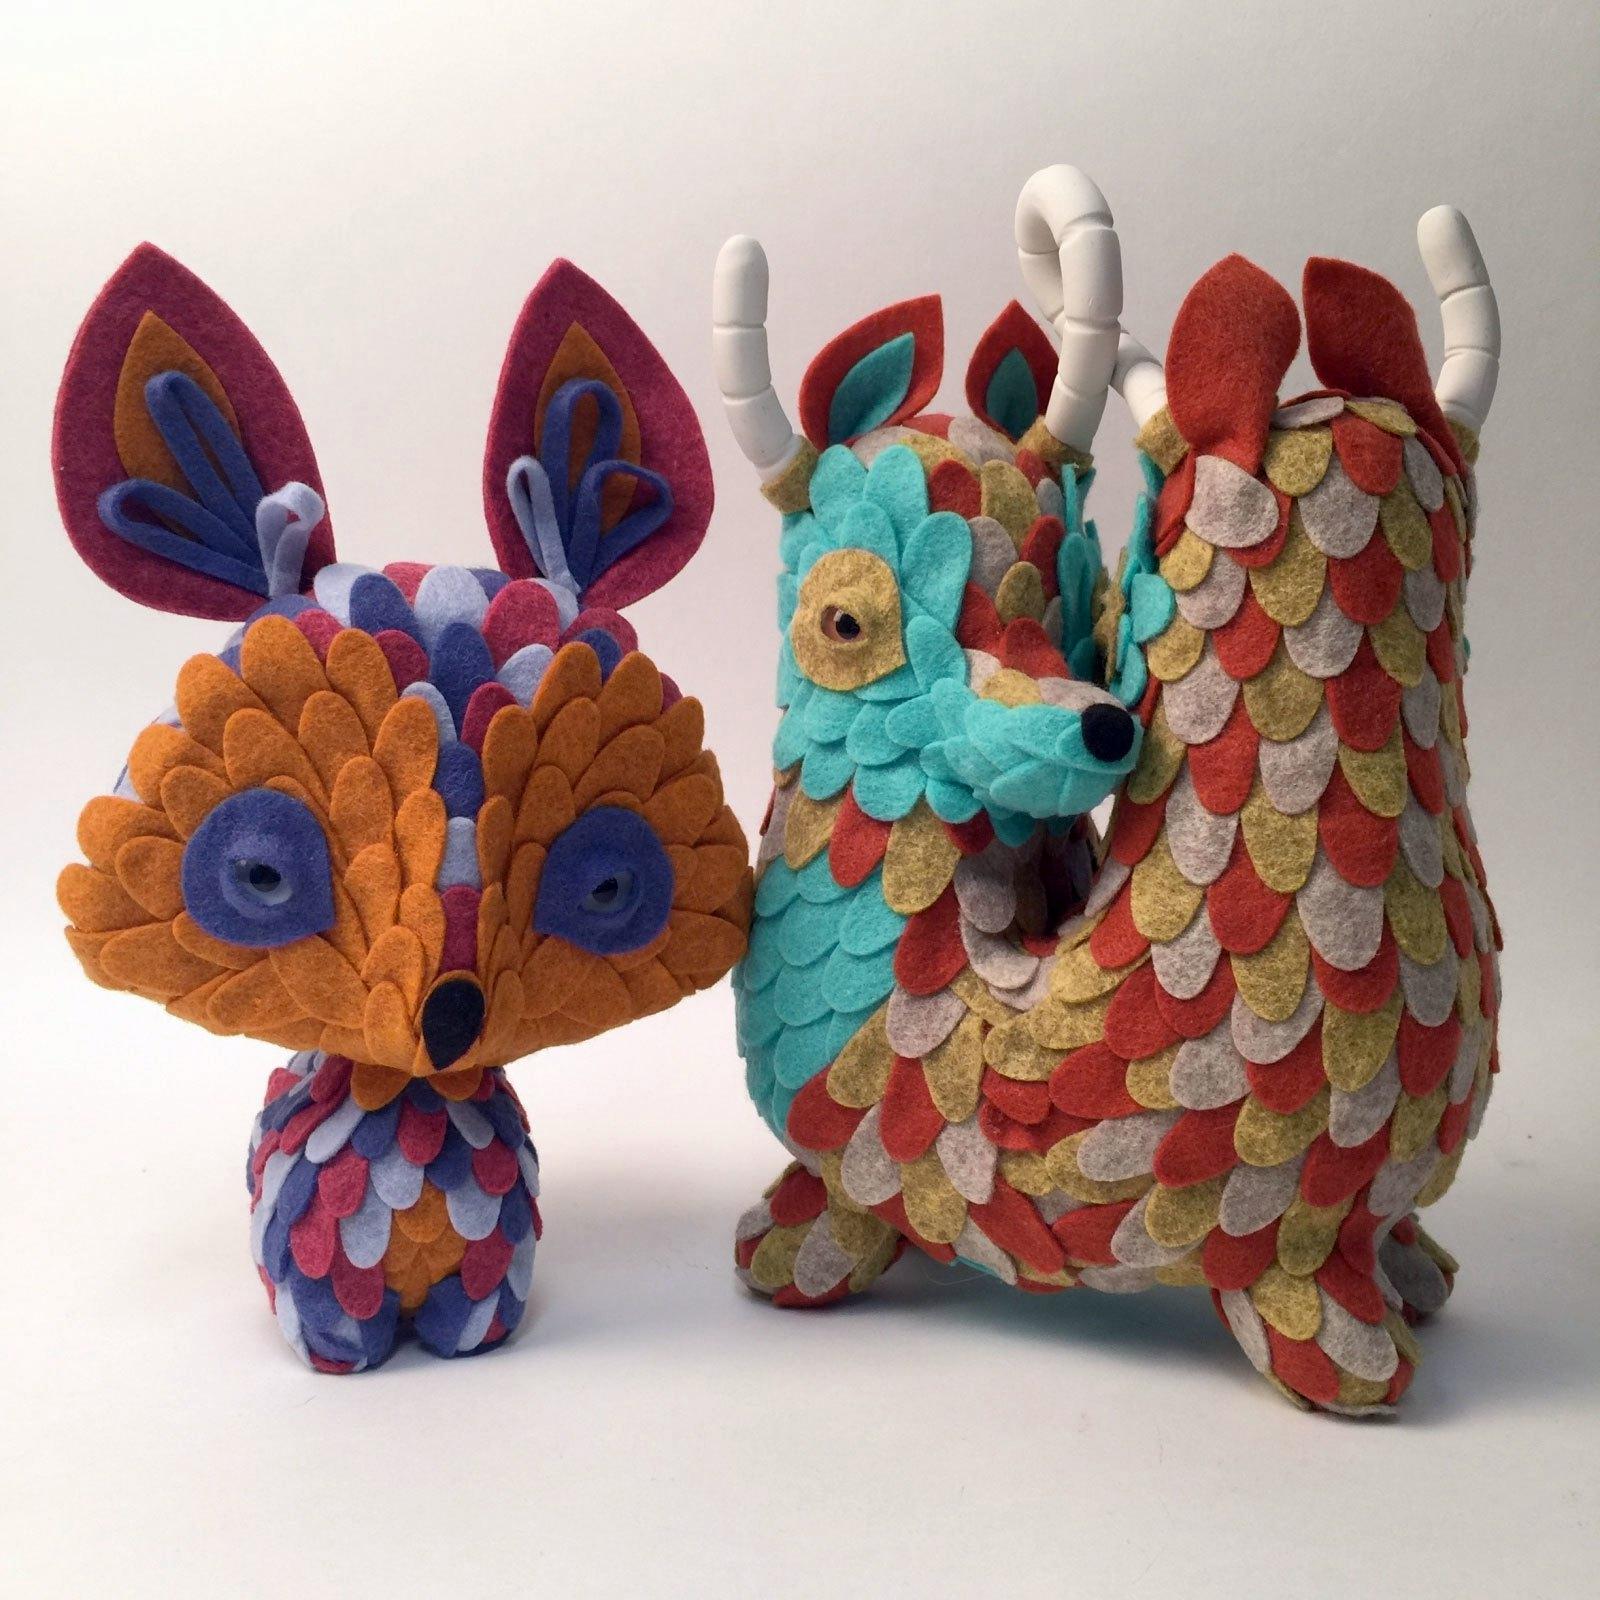 Art Toys de Horrible Adorables en Vinilo